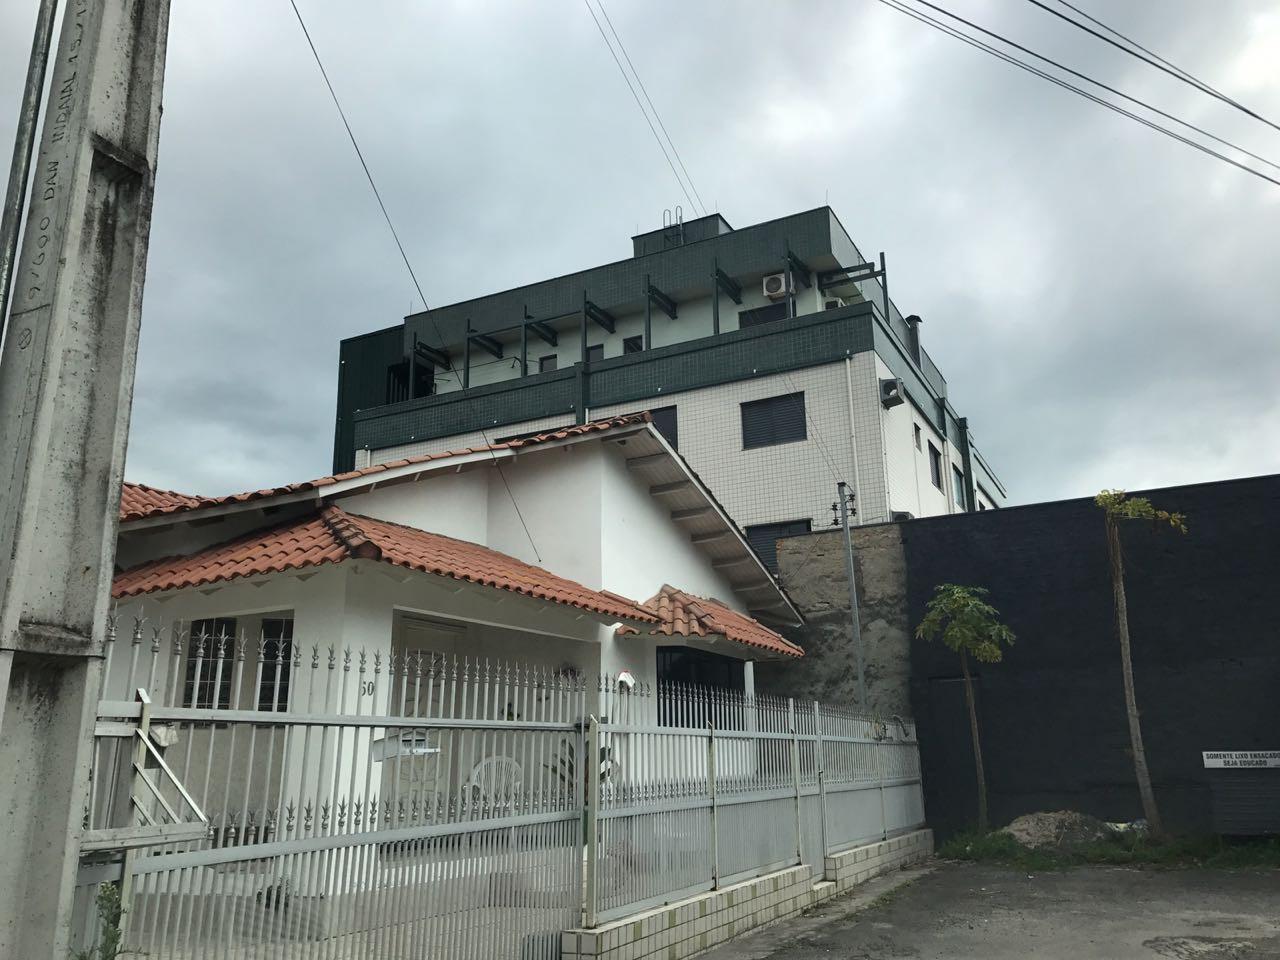 Leilão Simultâneo da 3ª Vara Cível da Comarca de Criciúma/SC.